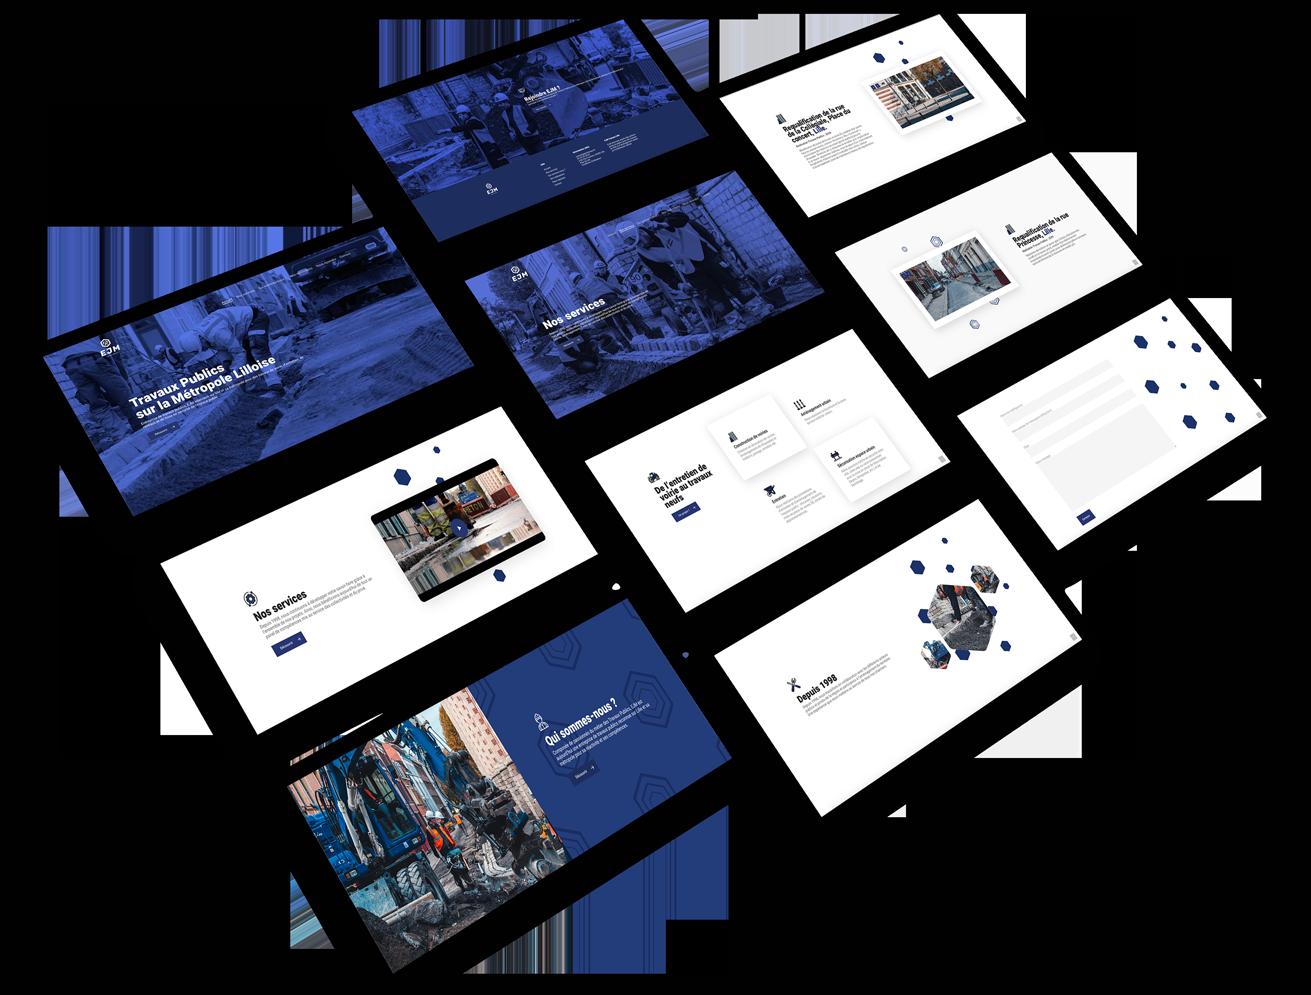 webdesign_travaux_communication_EJM-travaux_agence_de_communication_lille_video_agence_video_Plan-de-travail-1-copie-12-13_OK